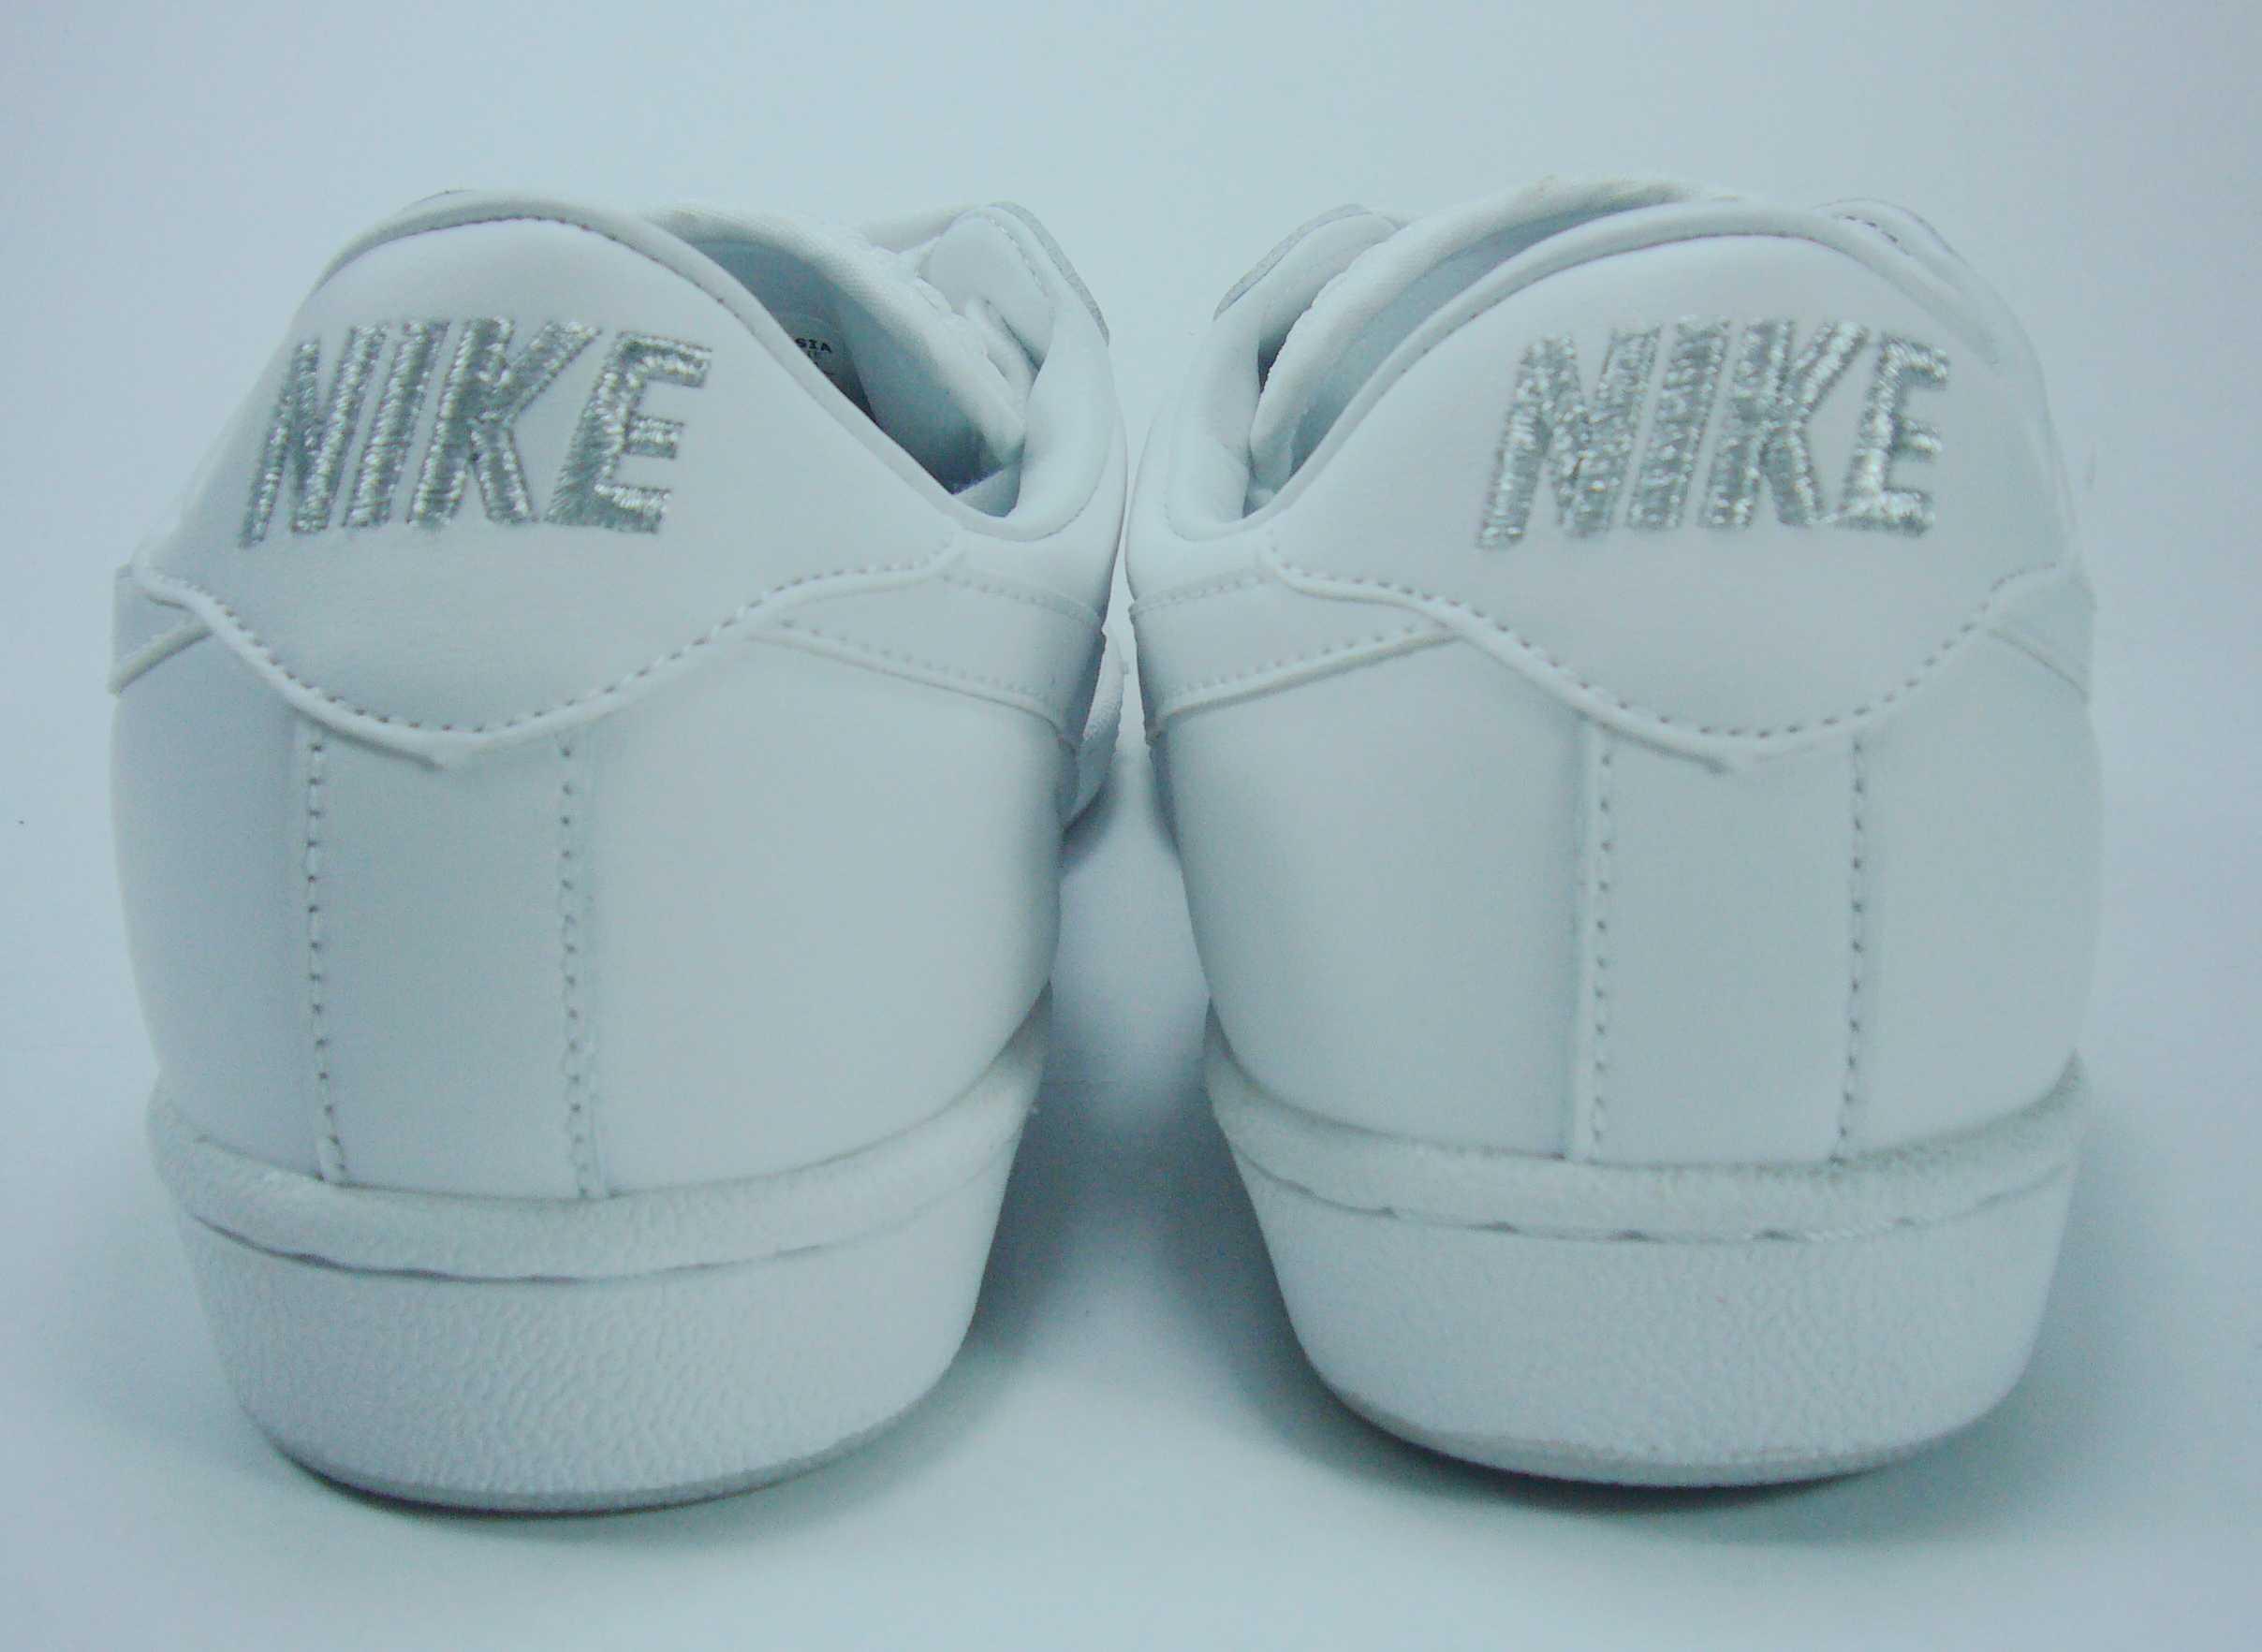 批发耐克时尚男板鞋8810—4白色/白红